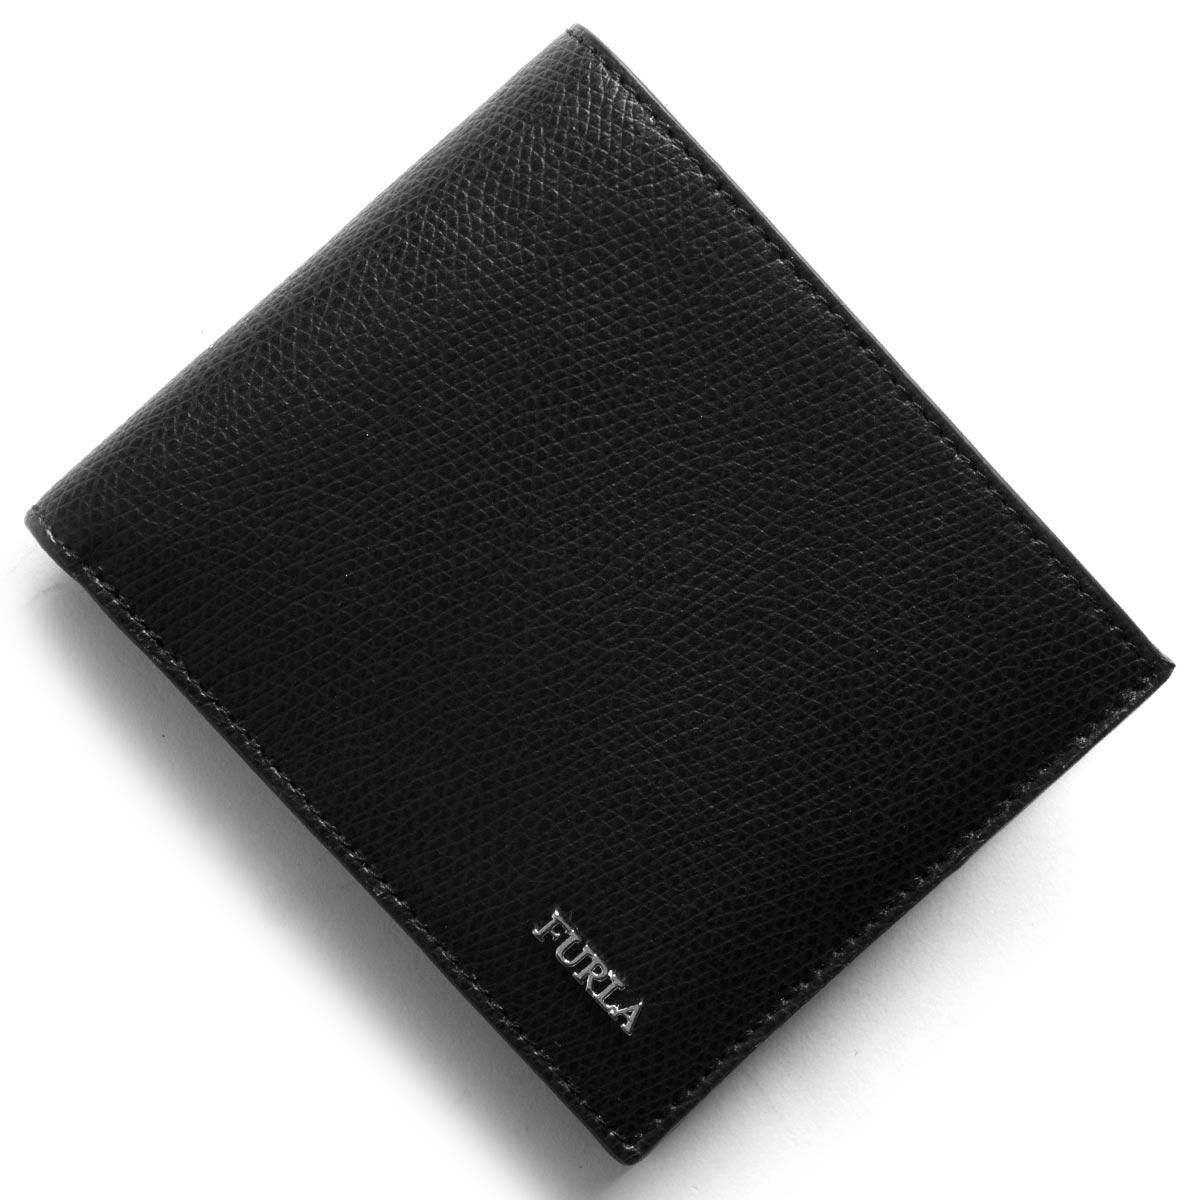 フルラ 二つ折り財布 財布 メンズ マルテ ブラック PT00 ATT O60 902054 FURLA